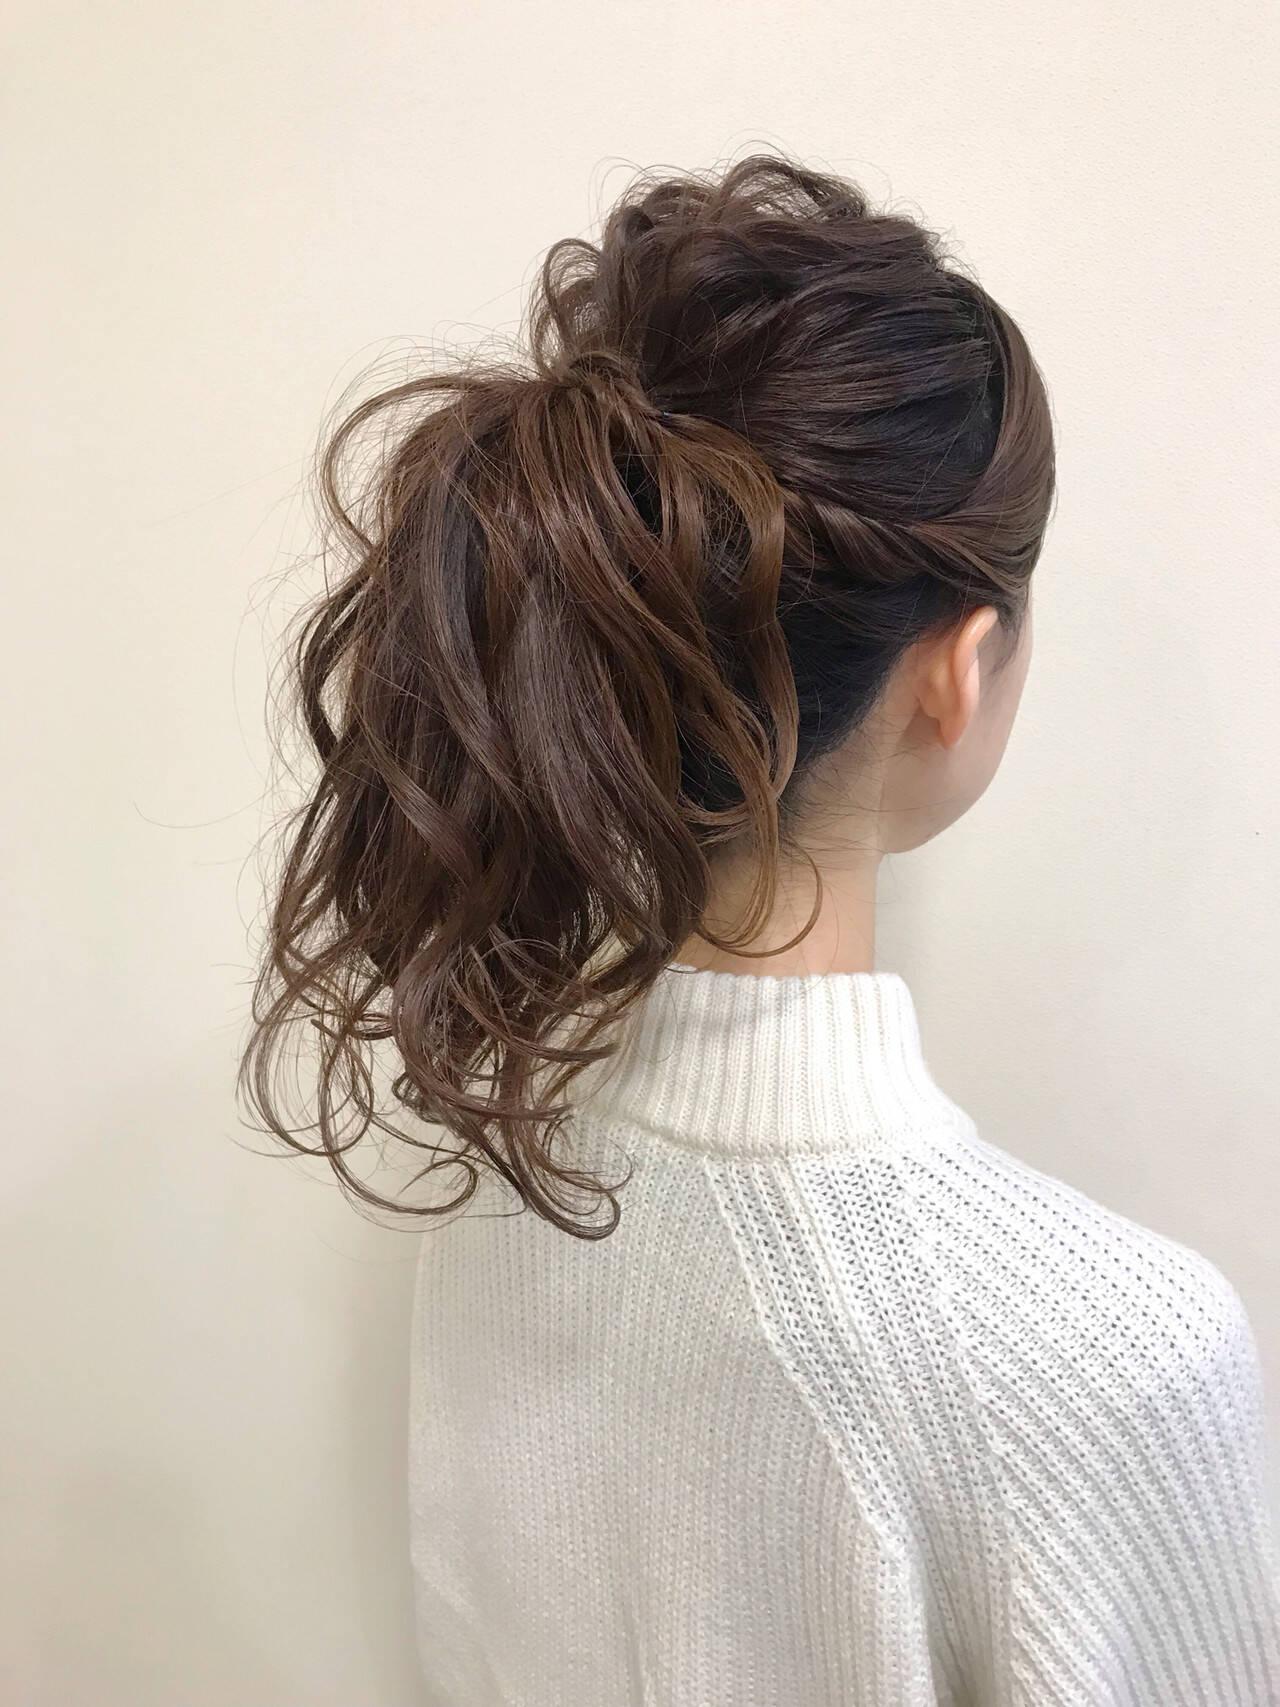 ナチュラル ポニーテール ロング ポニーテールアレンジヘアスタイルや髪型の写真・画像